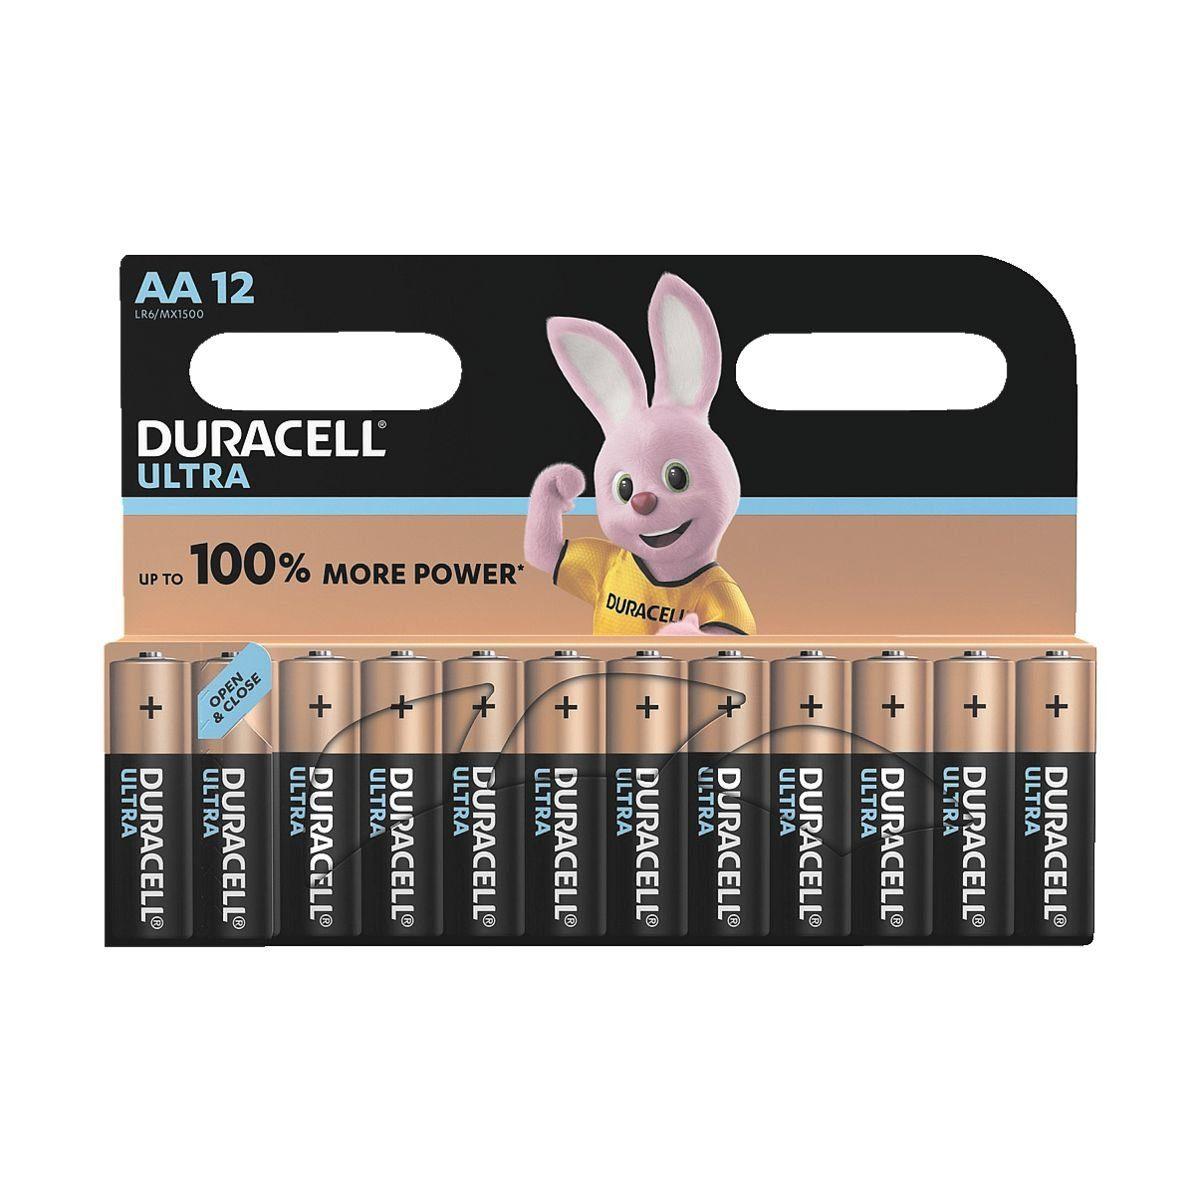 Duracell 12er-Pack Batterien »Ultra M3« Mignon / AA / LR06